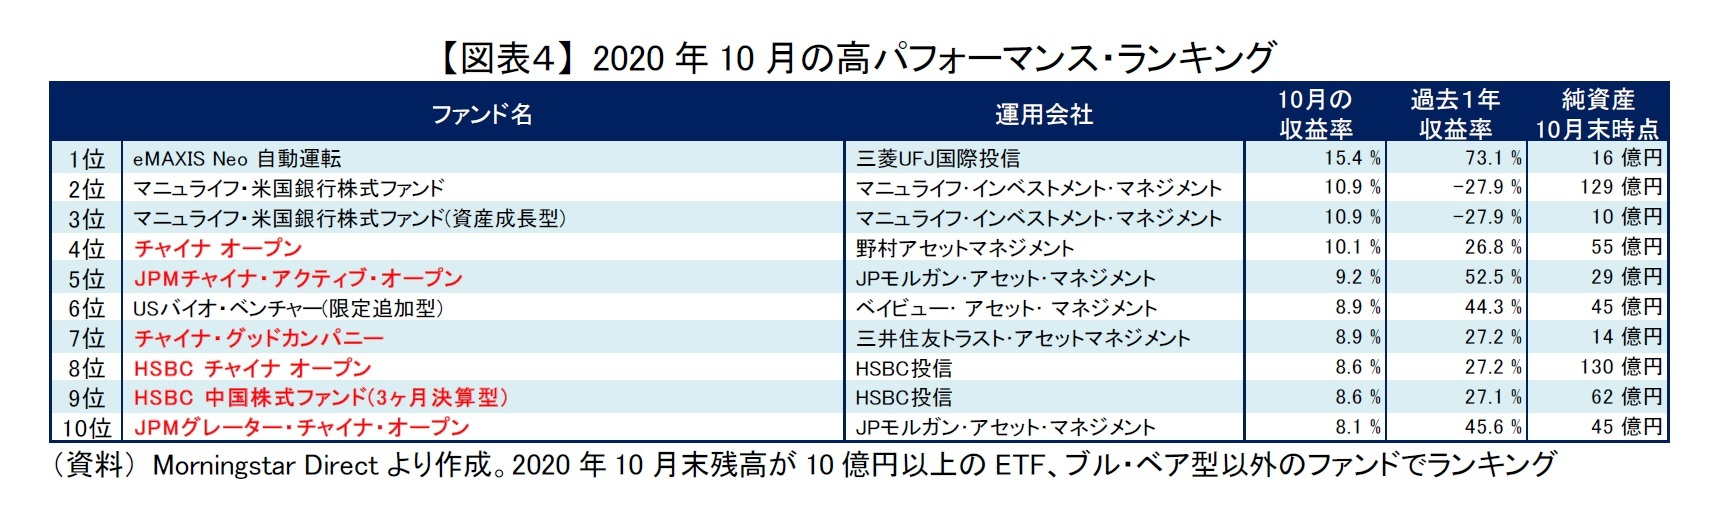 【図表4】 2020年10月の高パフォーマンス・ランキング